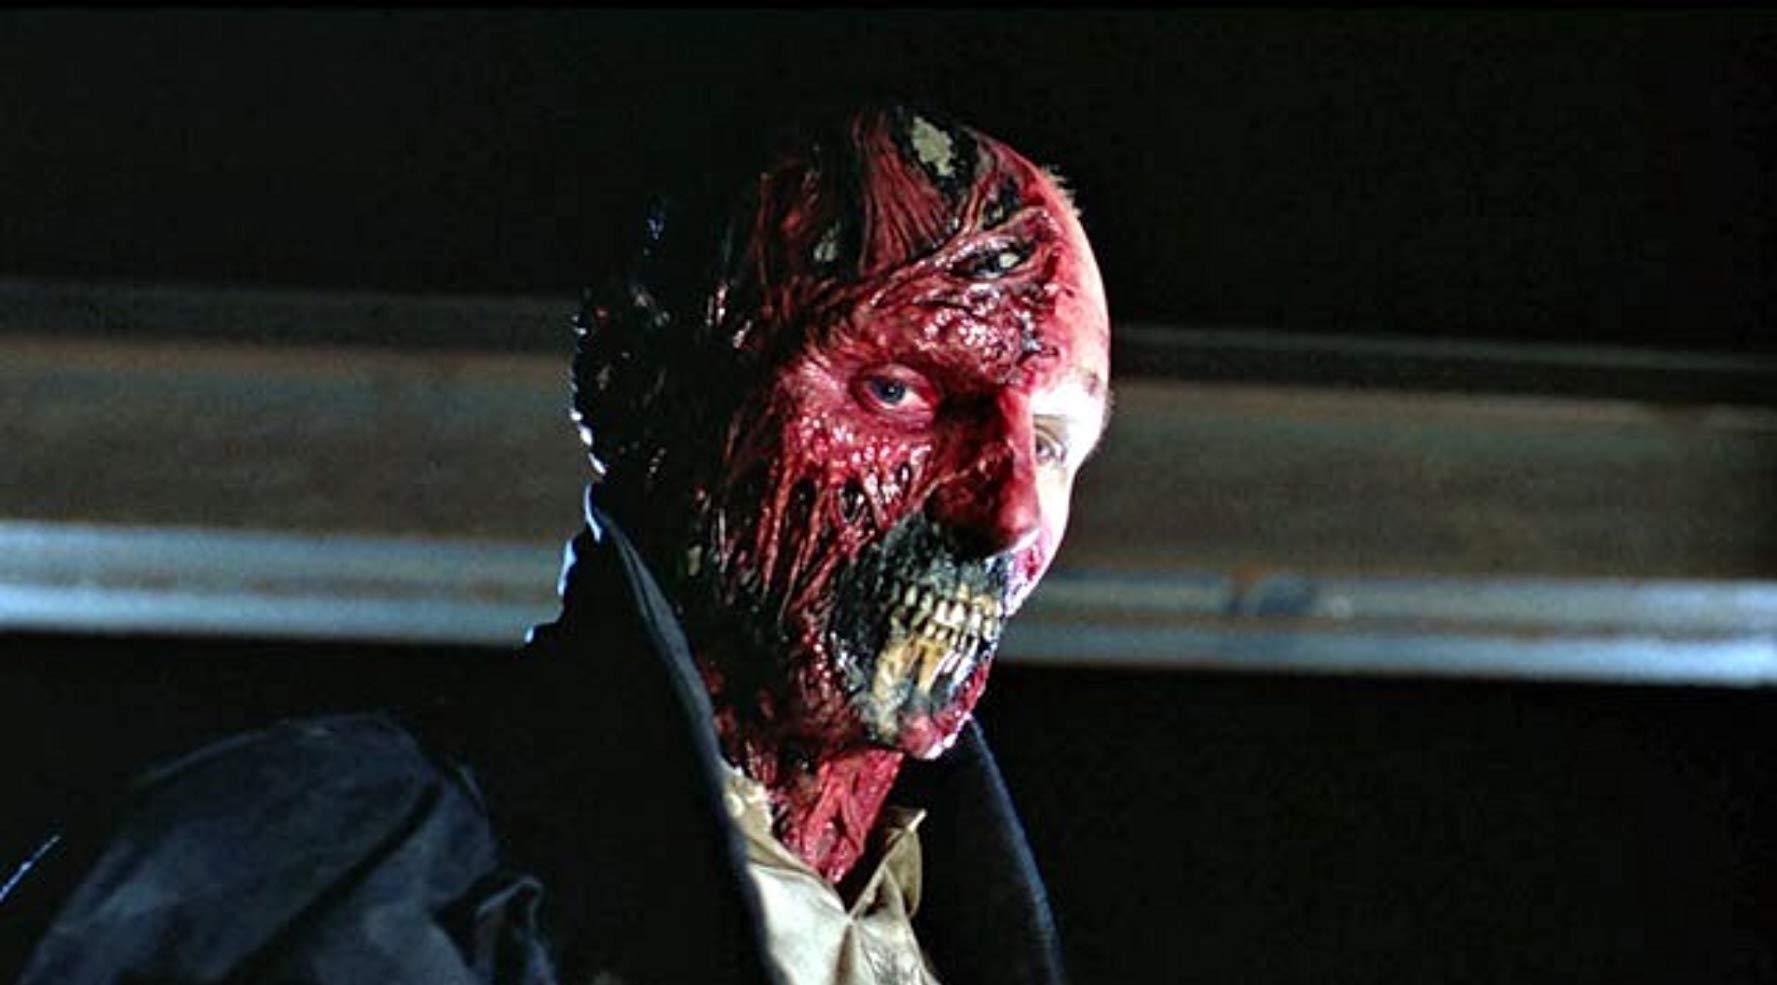 Liam Neeson in Darkman (1990)